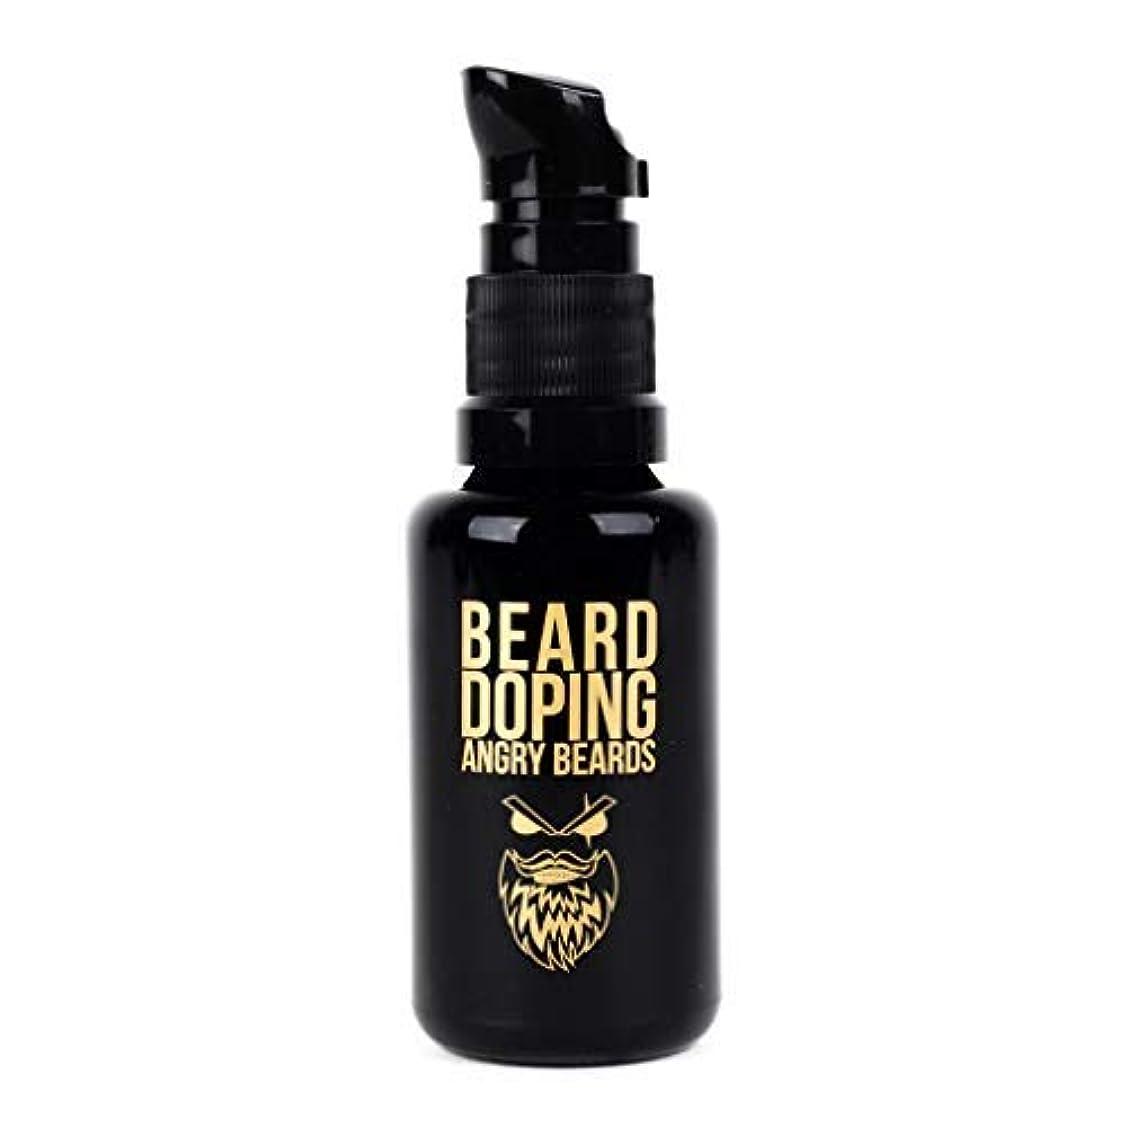 意味する欠席覆すBeard Doping for Growth by Angry Beards 30ml Made in Czech Republic / 成長のためのひげドーピング怒っているひげ30mlチェコ共和国製